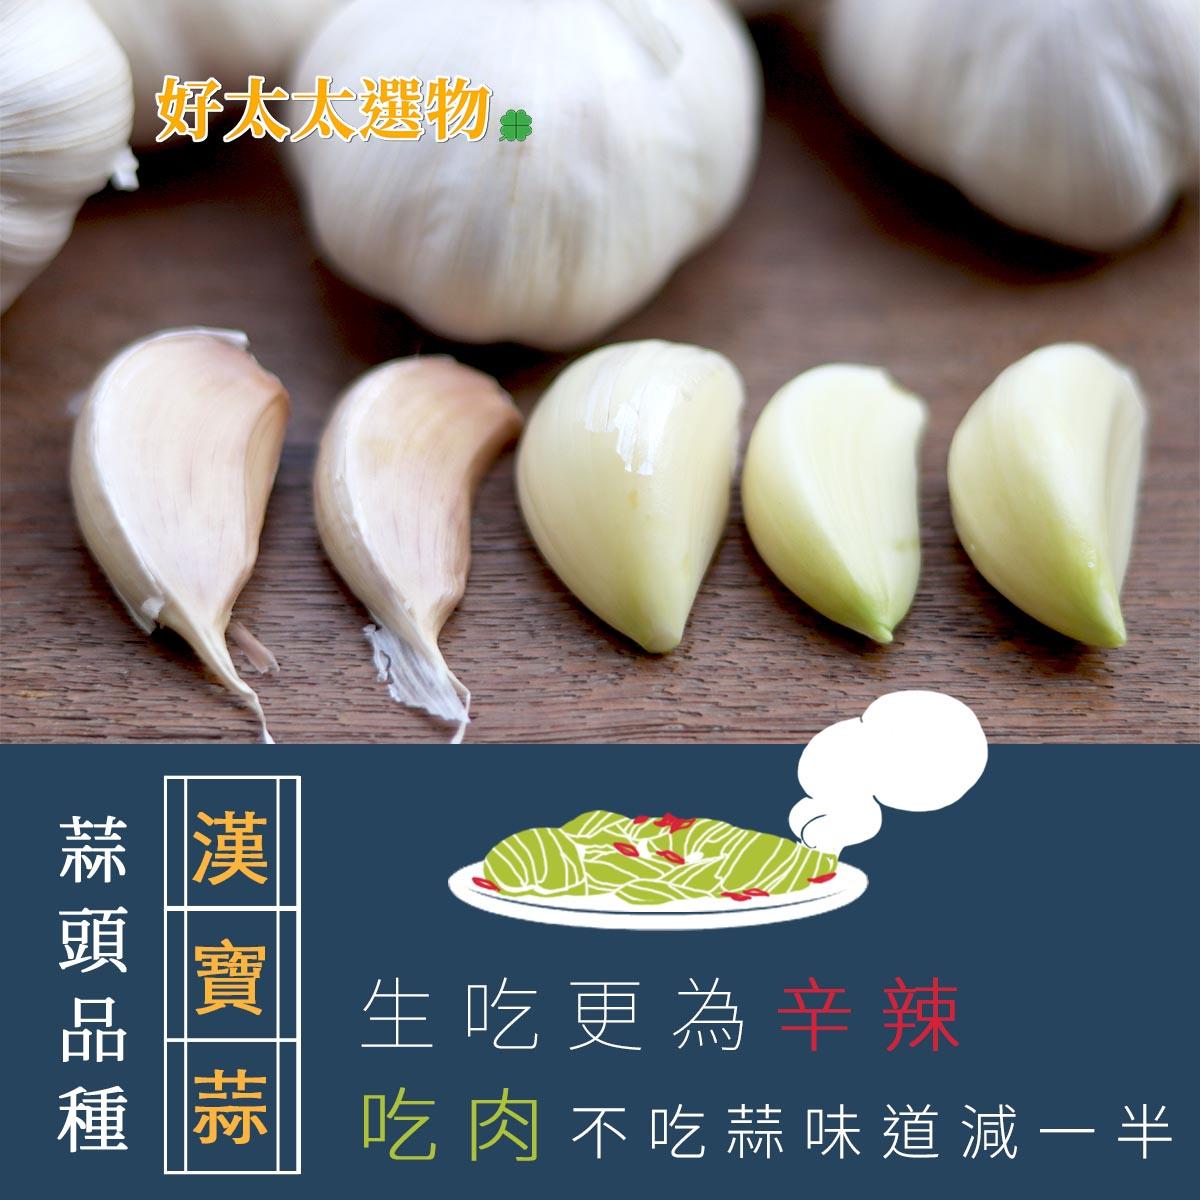 「寶漢蒜」這的經典的品種,現在不多見了。